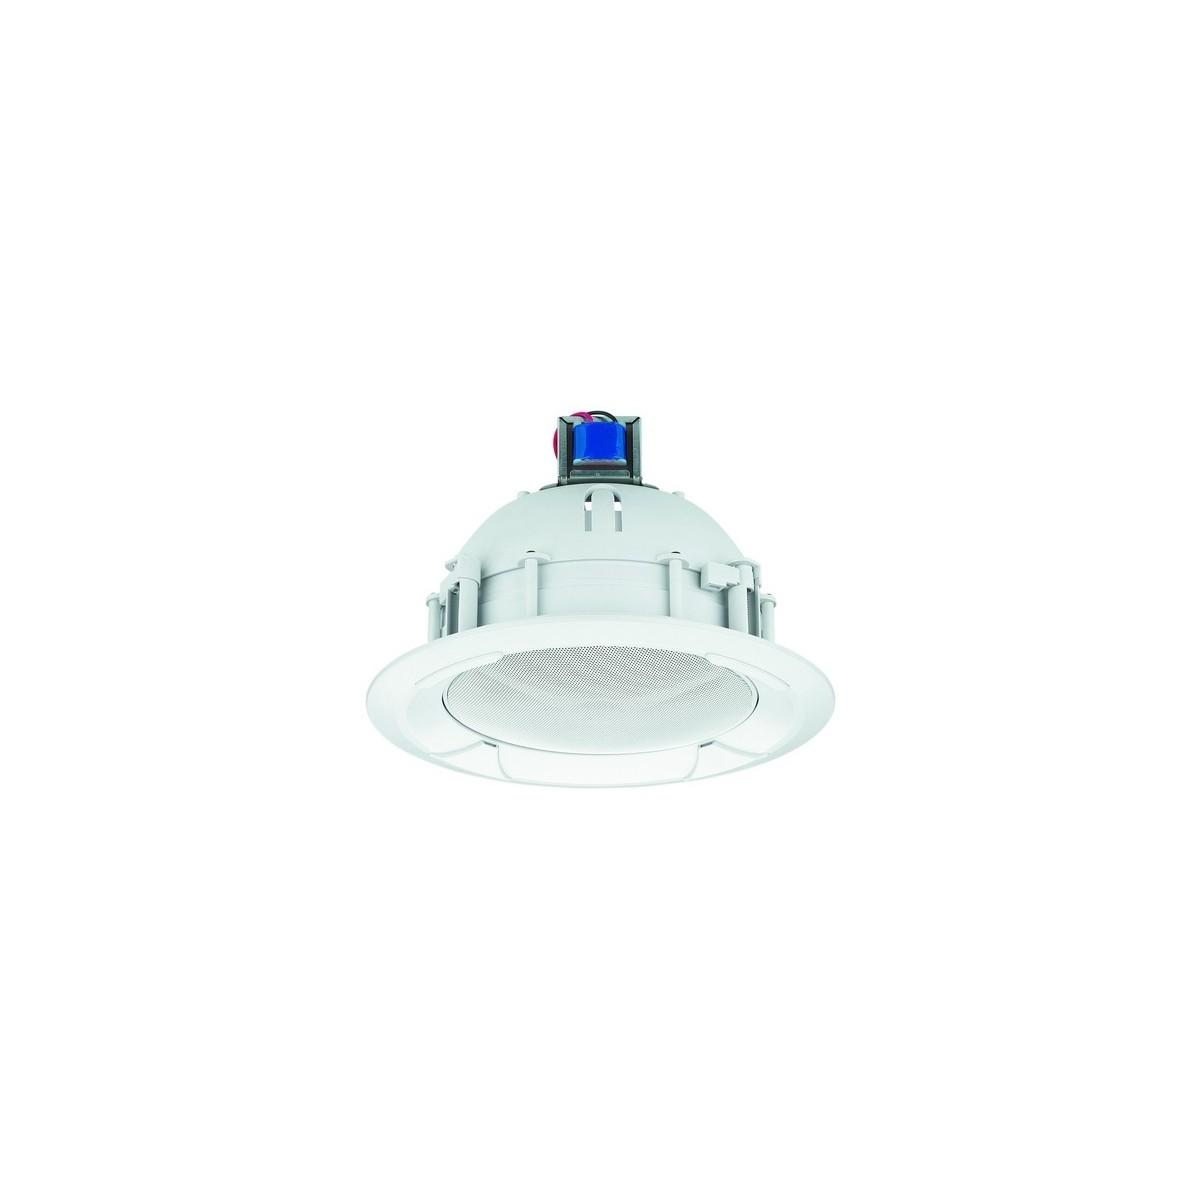 Monacor EDL-65TW - Infällda högtalare med hifi-ljud 468e5d27d2502